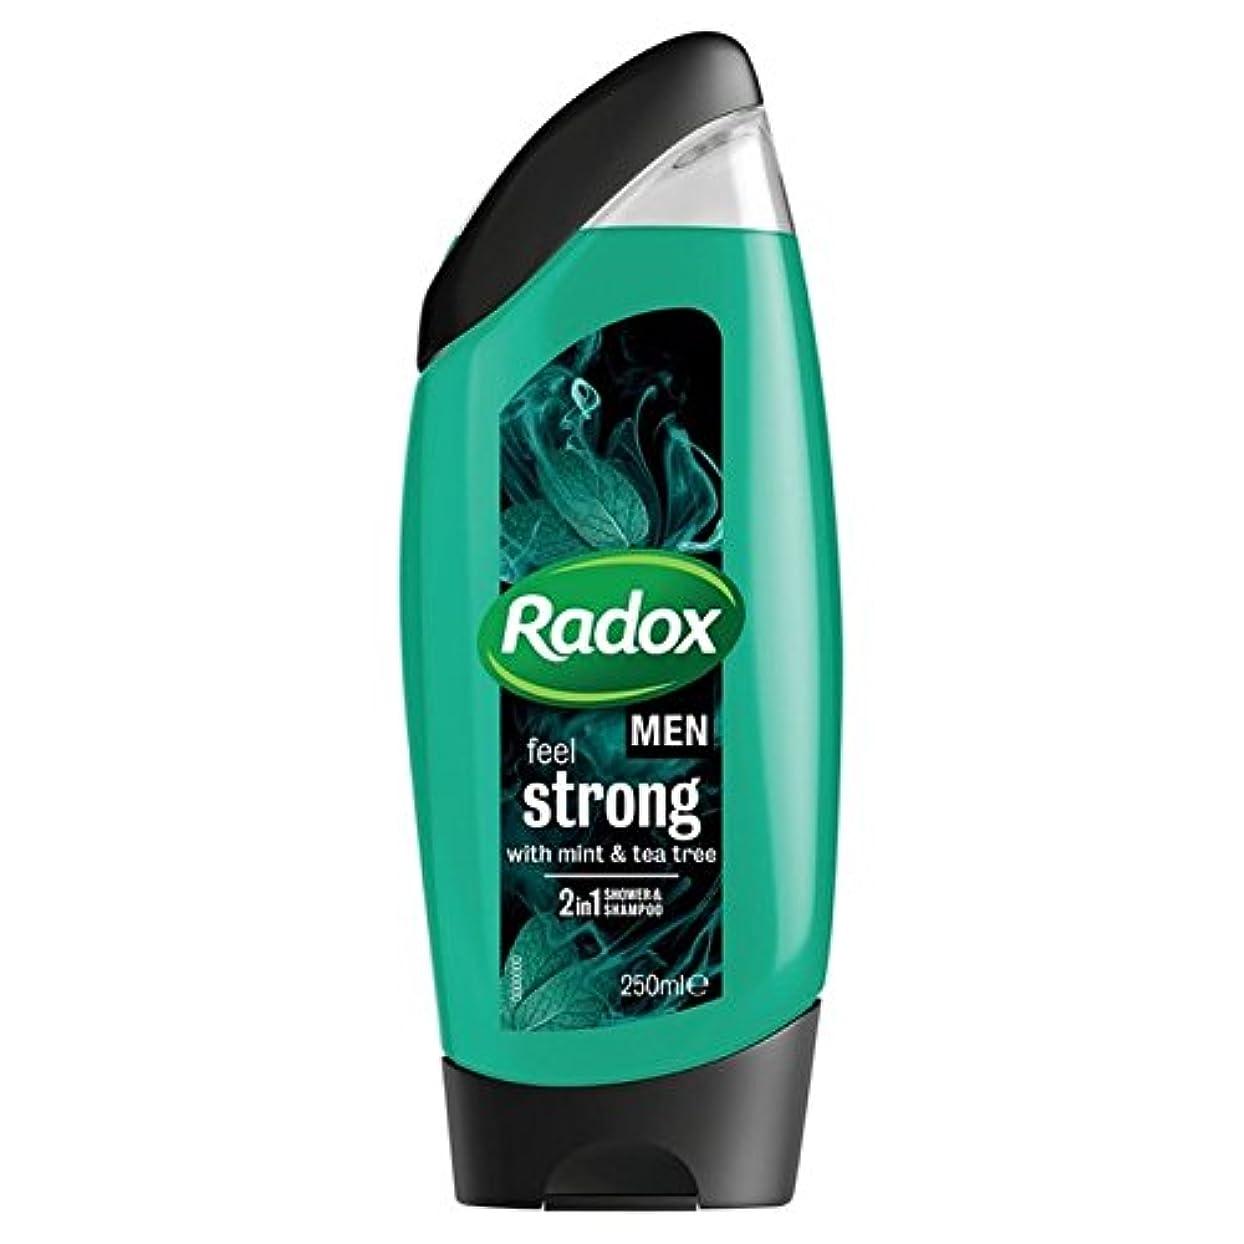 晩ごはんサイドボード計算男性は、強力なミント&ティーツリーの21のシャワージェル250ミリリットルを感じます x2 - Radox Men Feel Strong Mint & Tea Tree 2in1 Shower Gel 250ml (Pack...